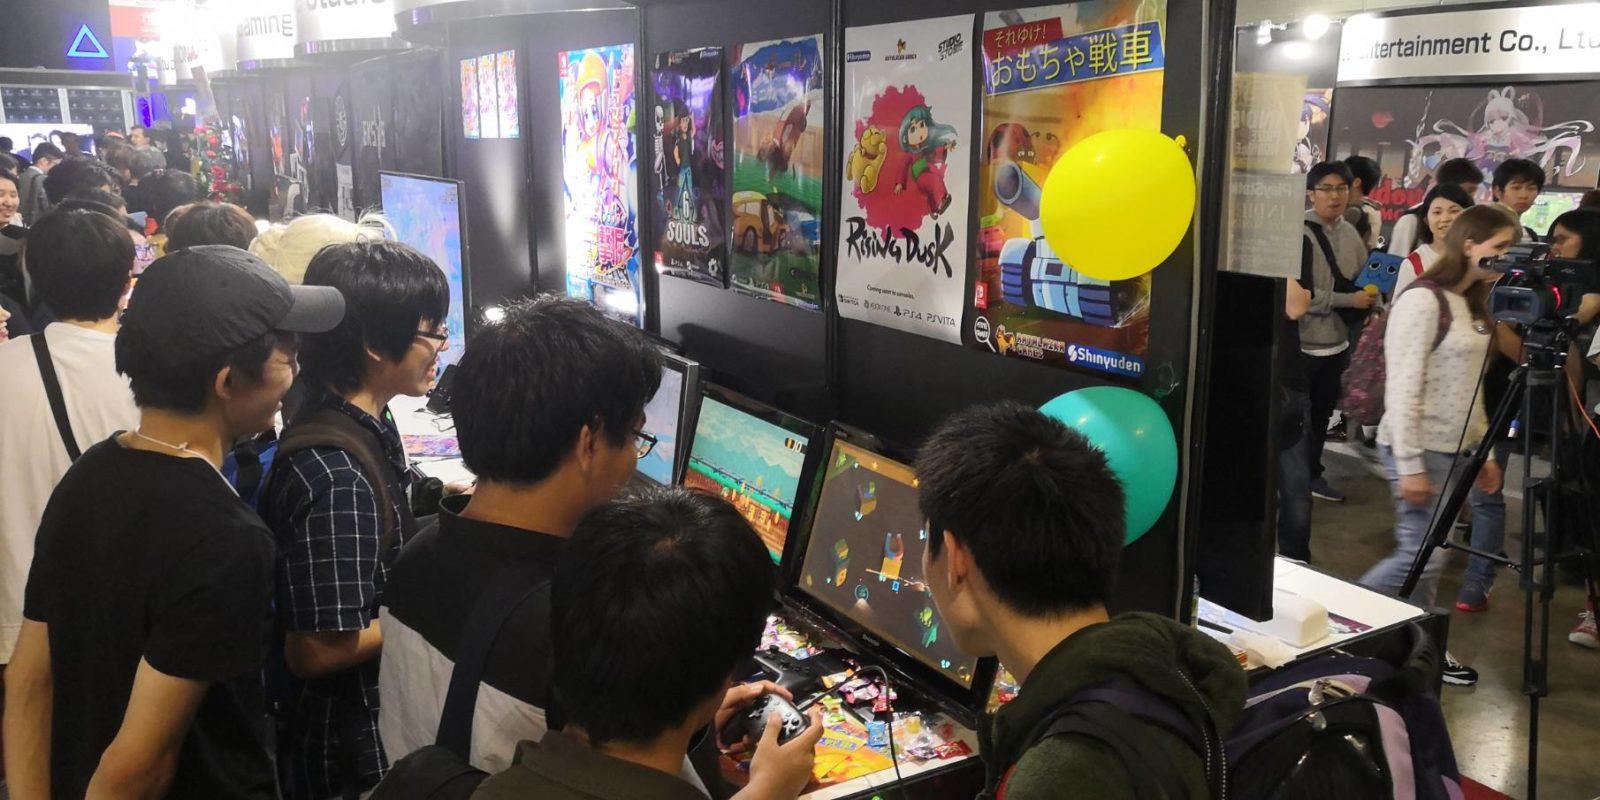 Tokyo Game Show Shinyuden